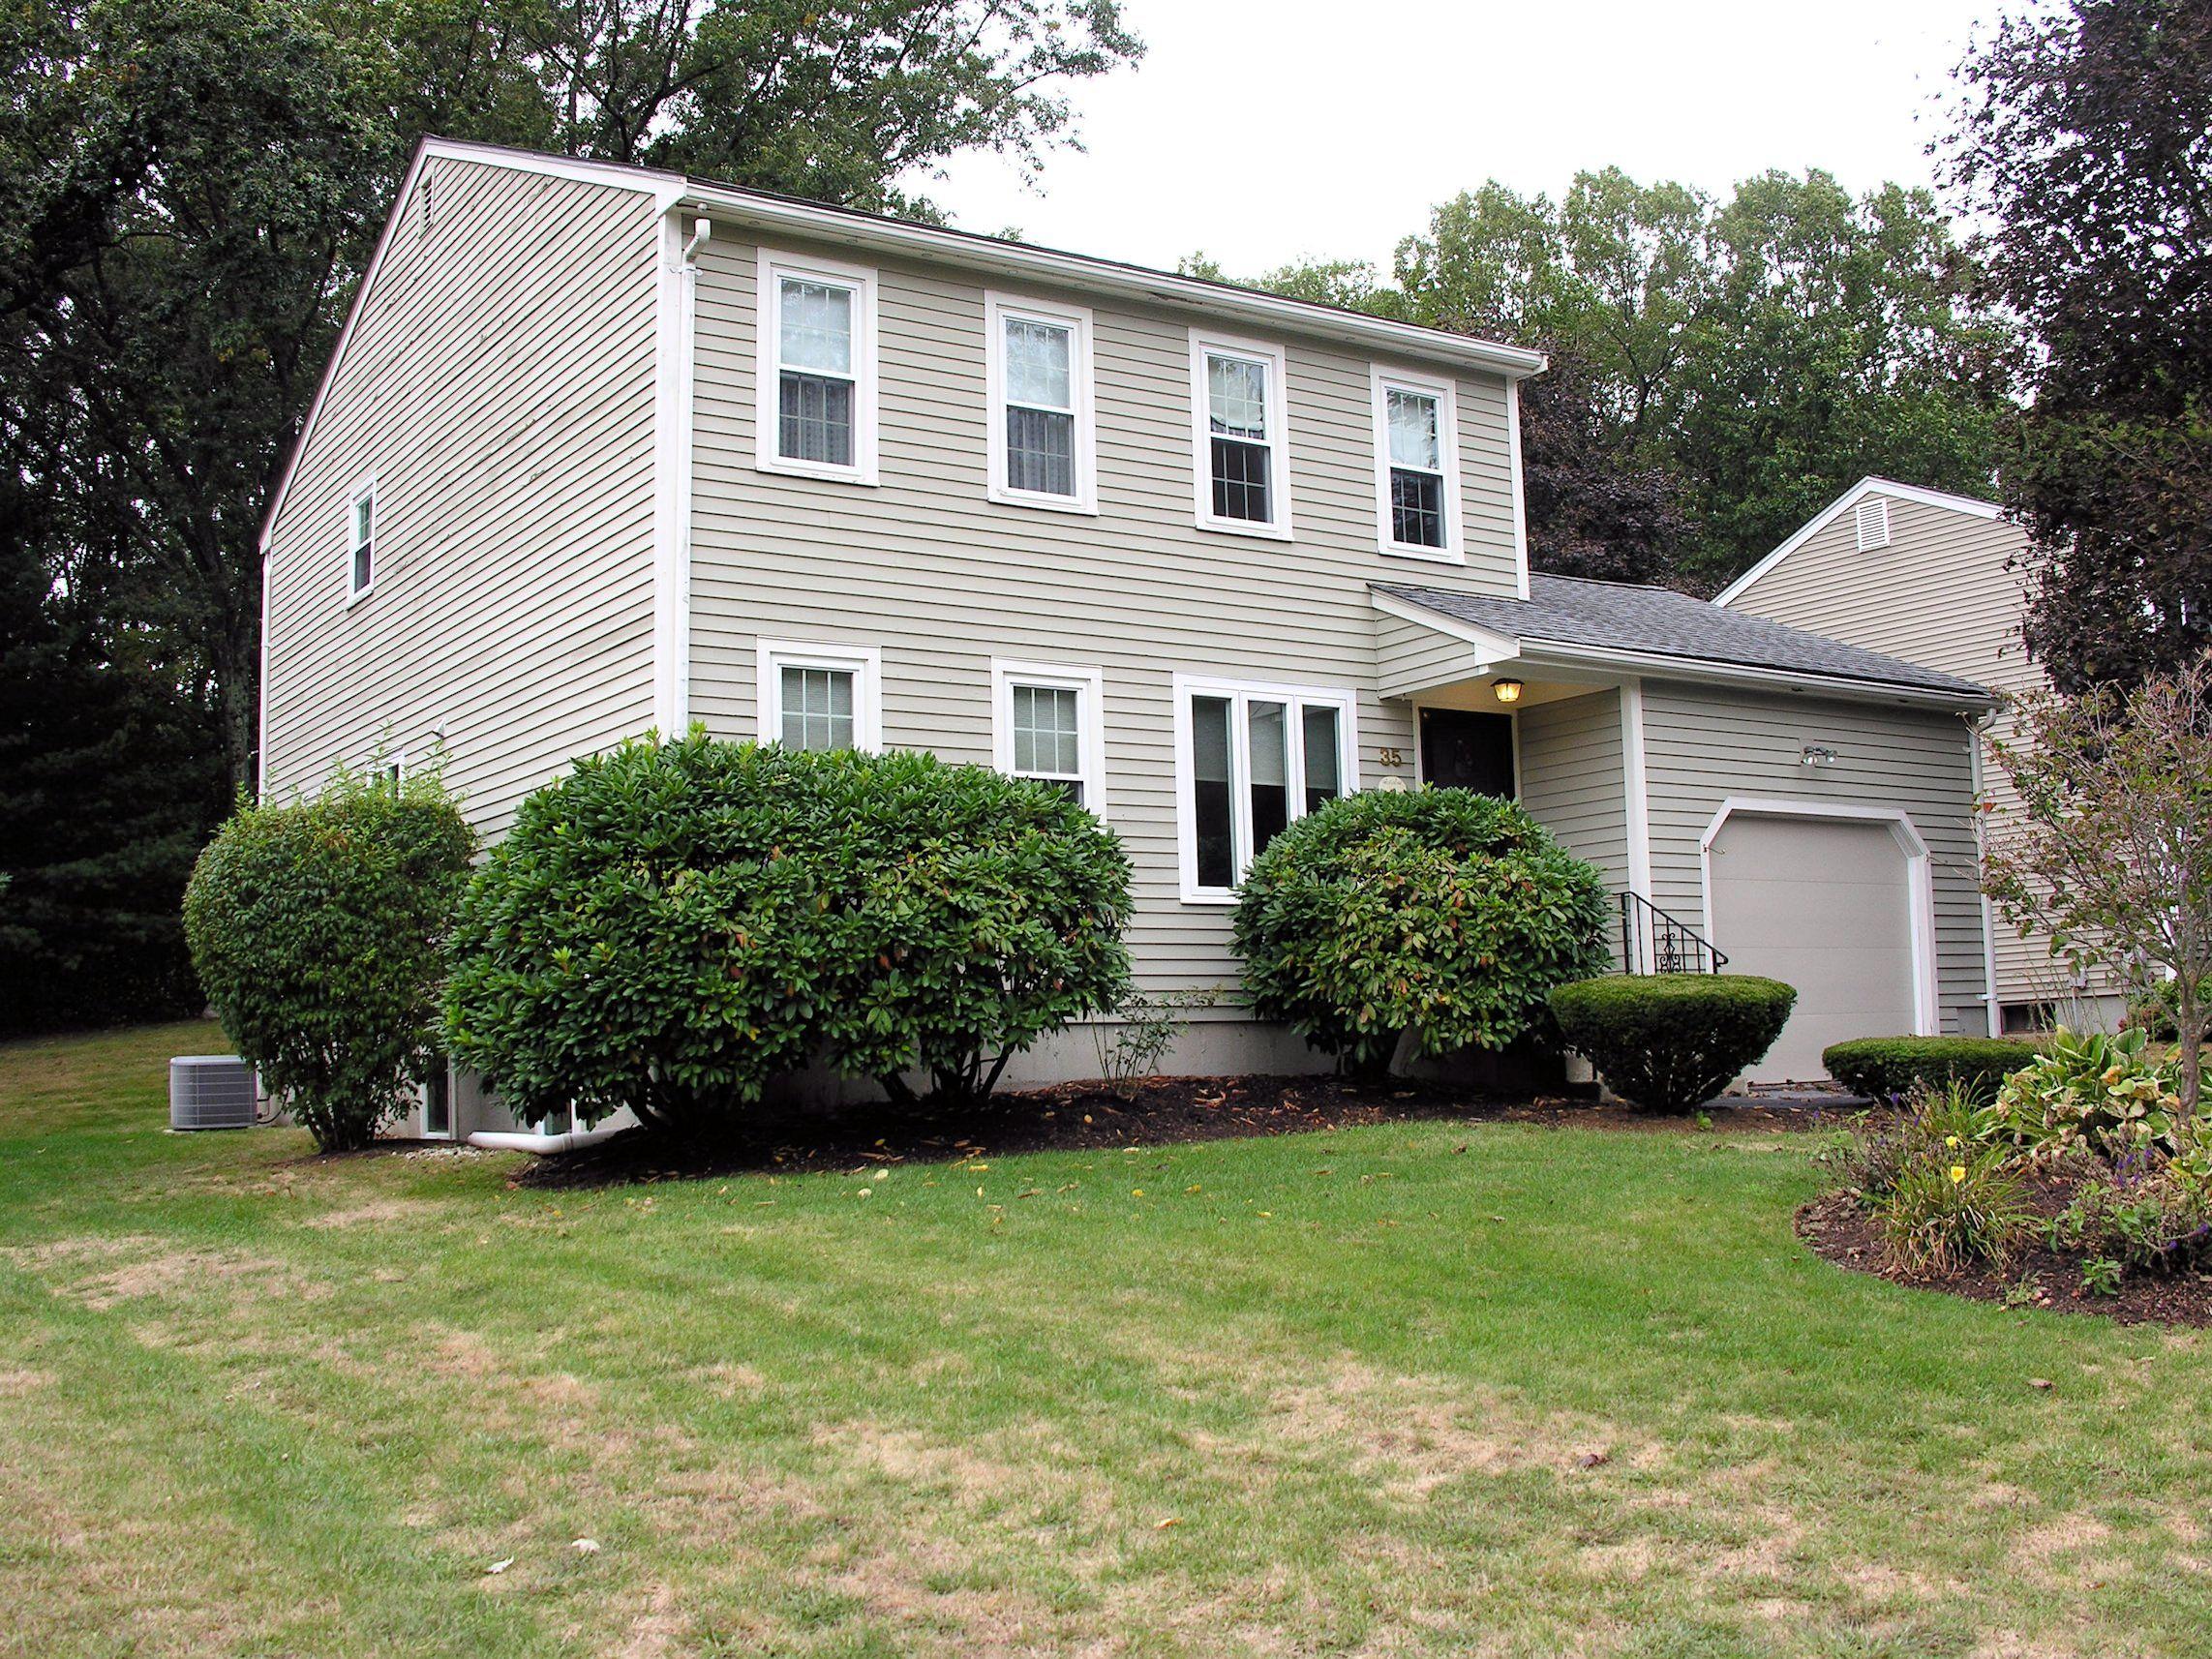 35 Perry Henderson Dr, Framingham, Massachusetts 01701